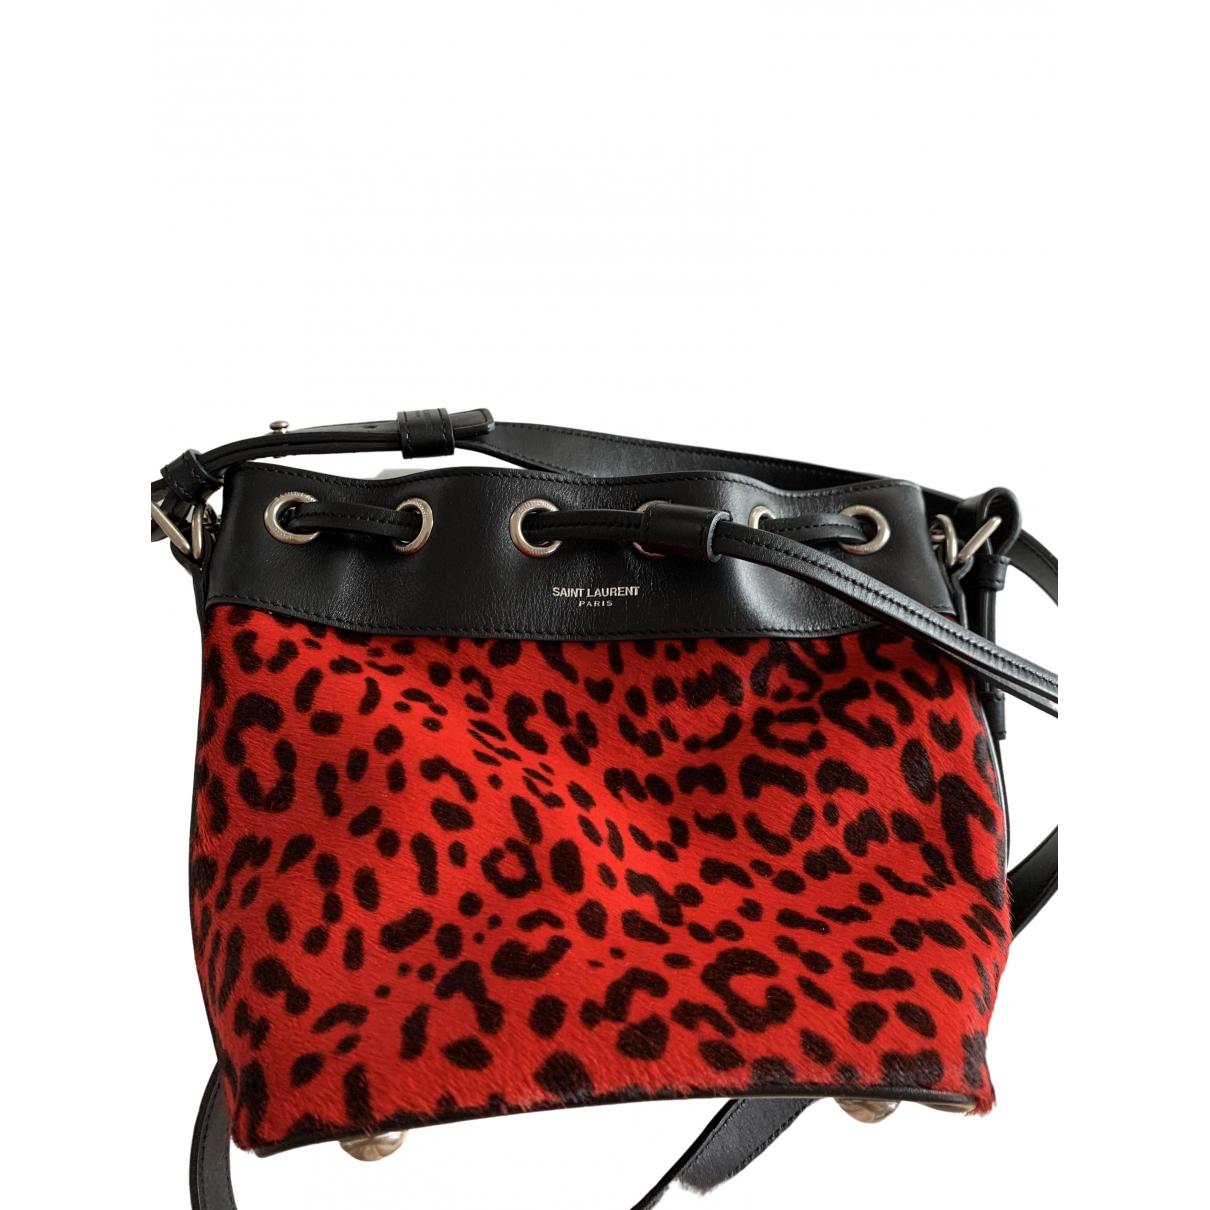 Saint Laurent Emmanuelle Red Pony-style calfskin handbag for Women \N